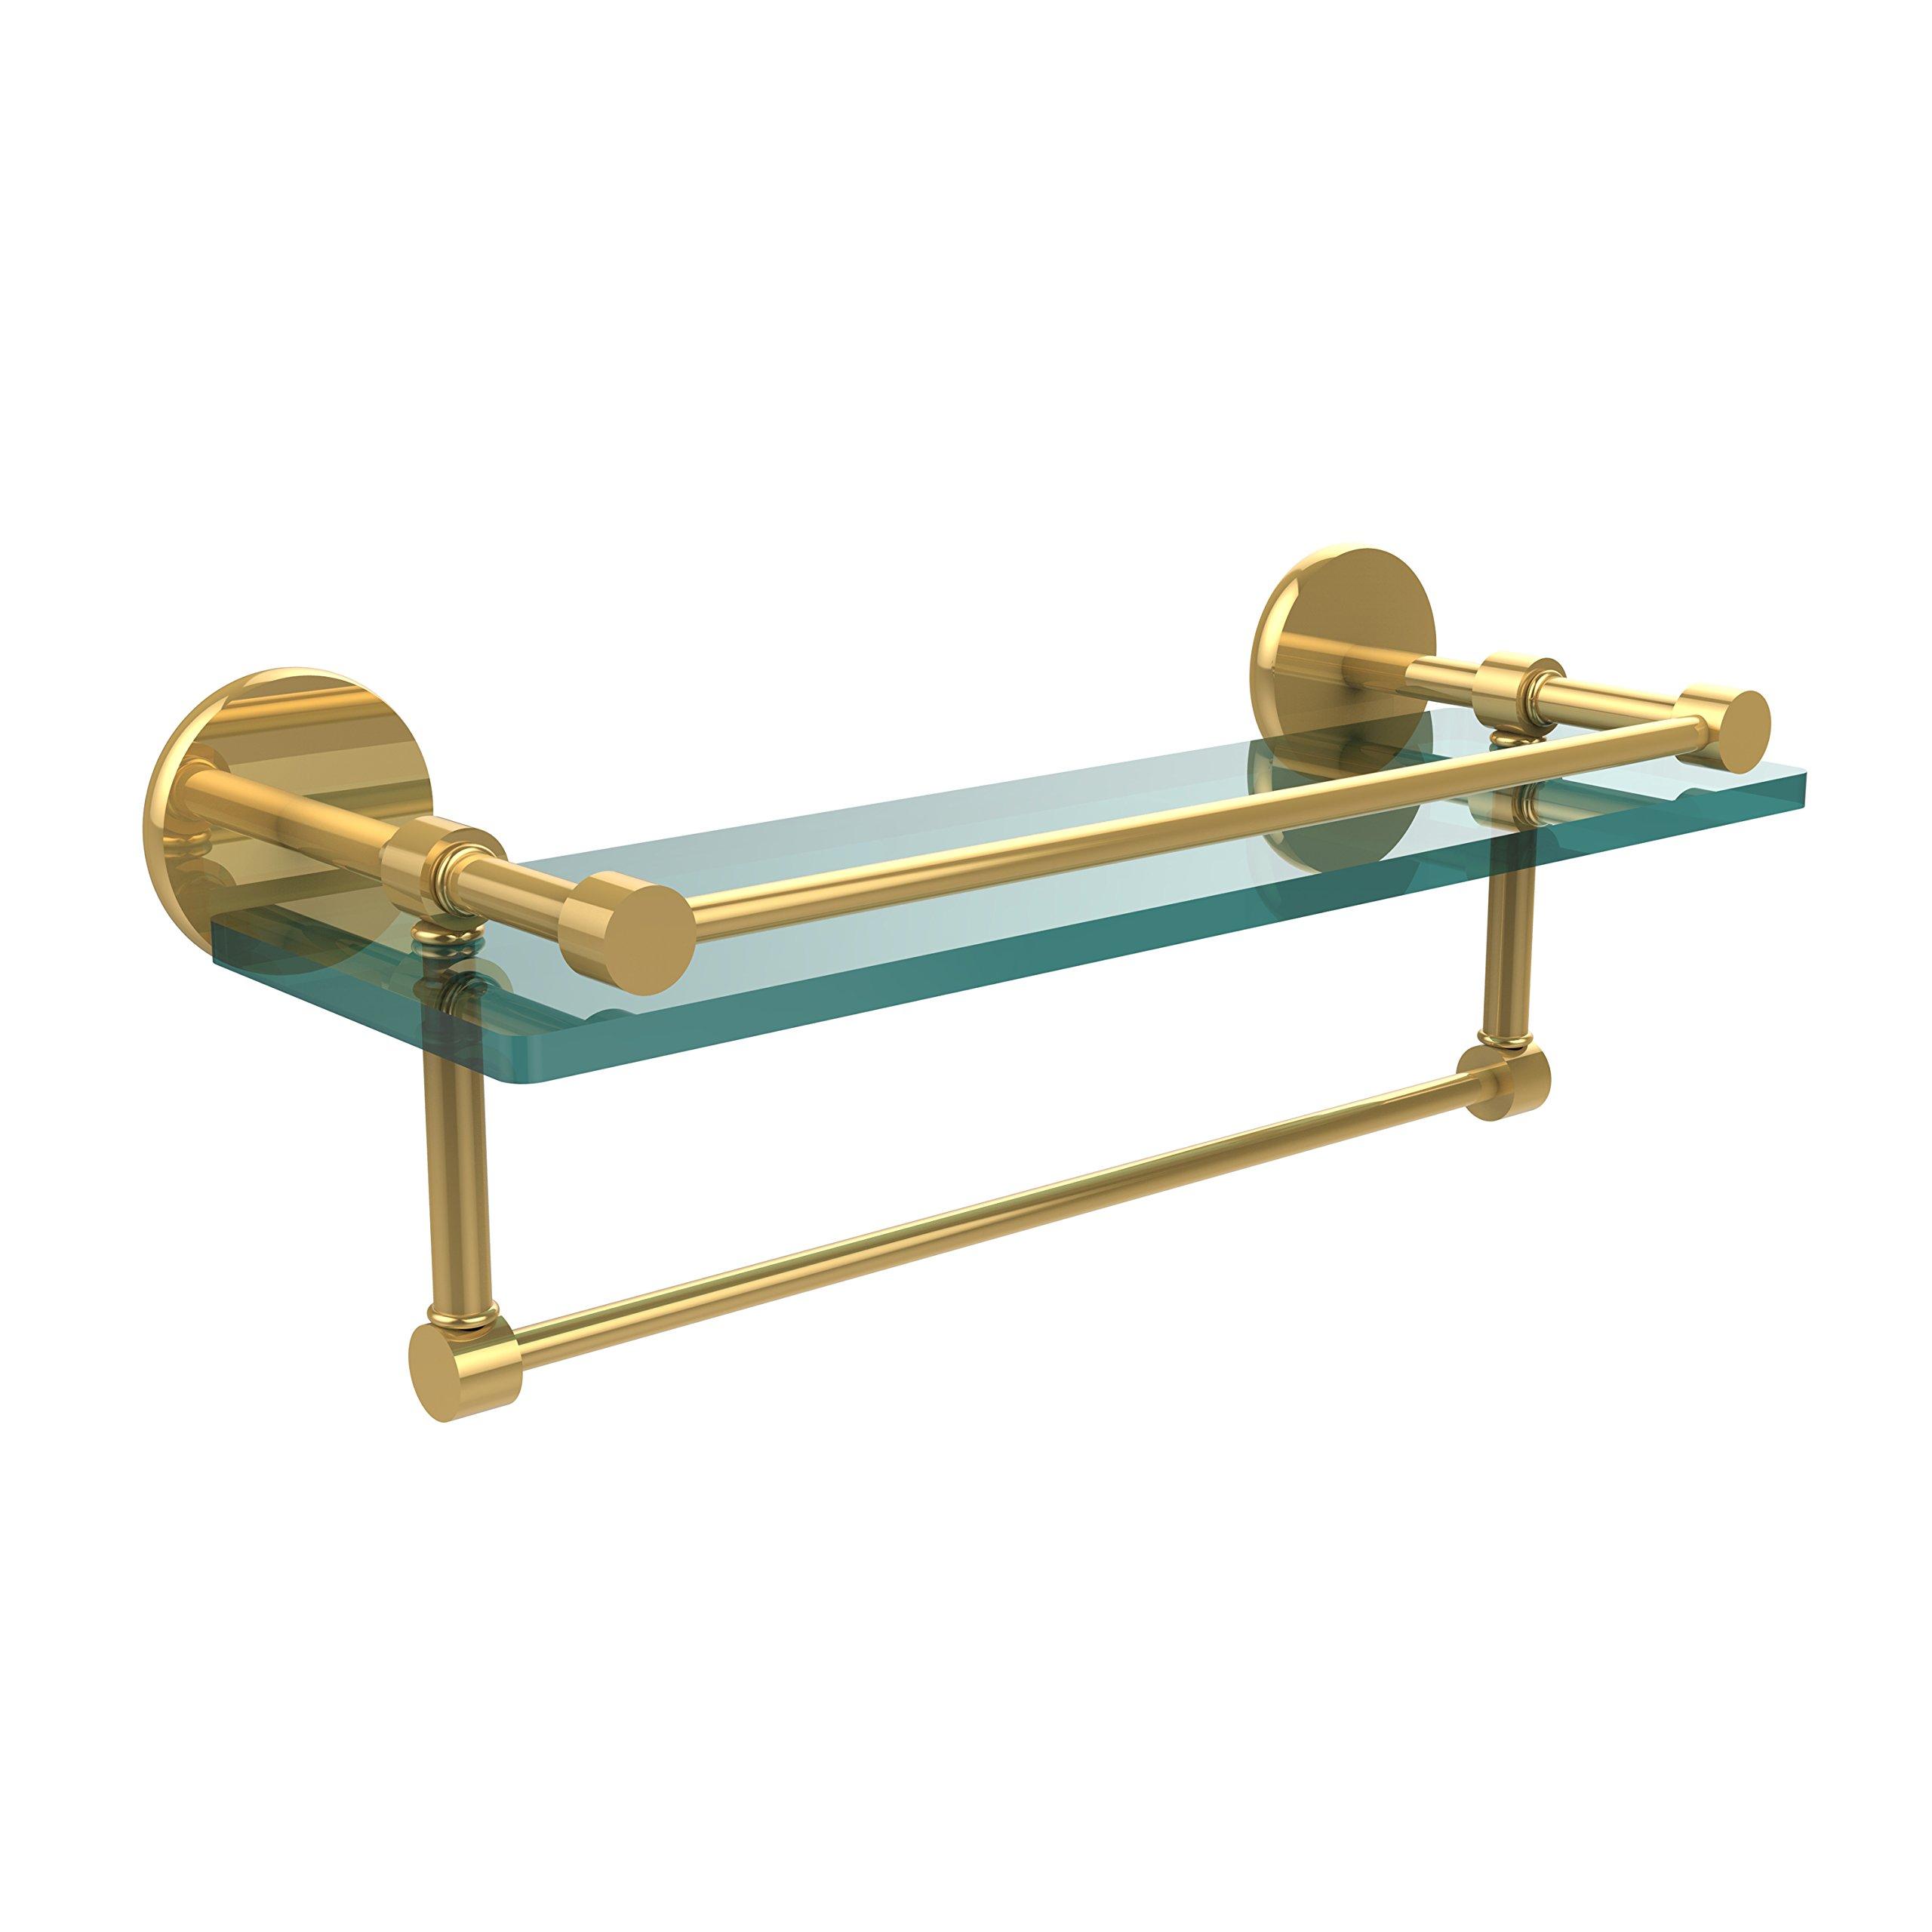 Allied Brass P1000-1TB/16-GAL-PB 16 Inch Gallery Glass Shelf with Towel Bar Polished Brass